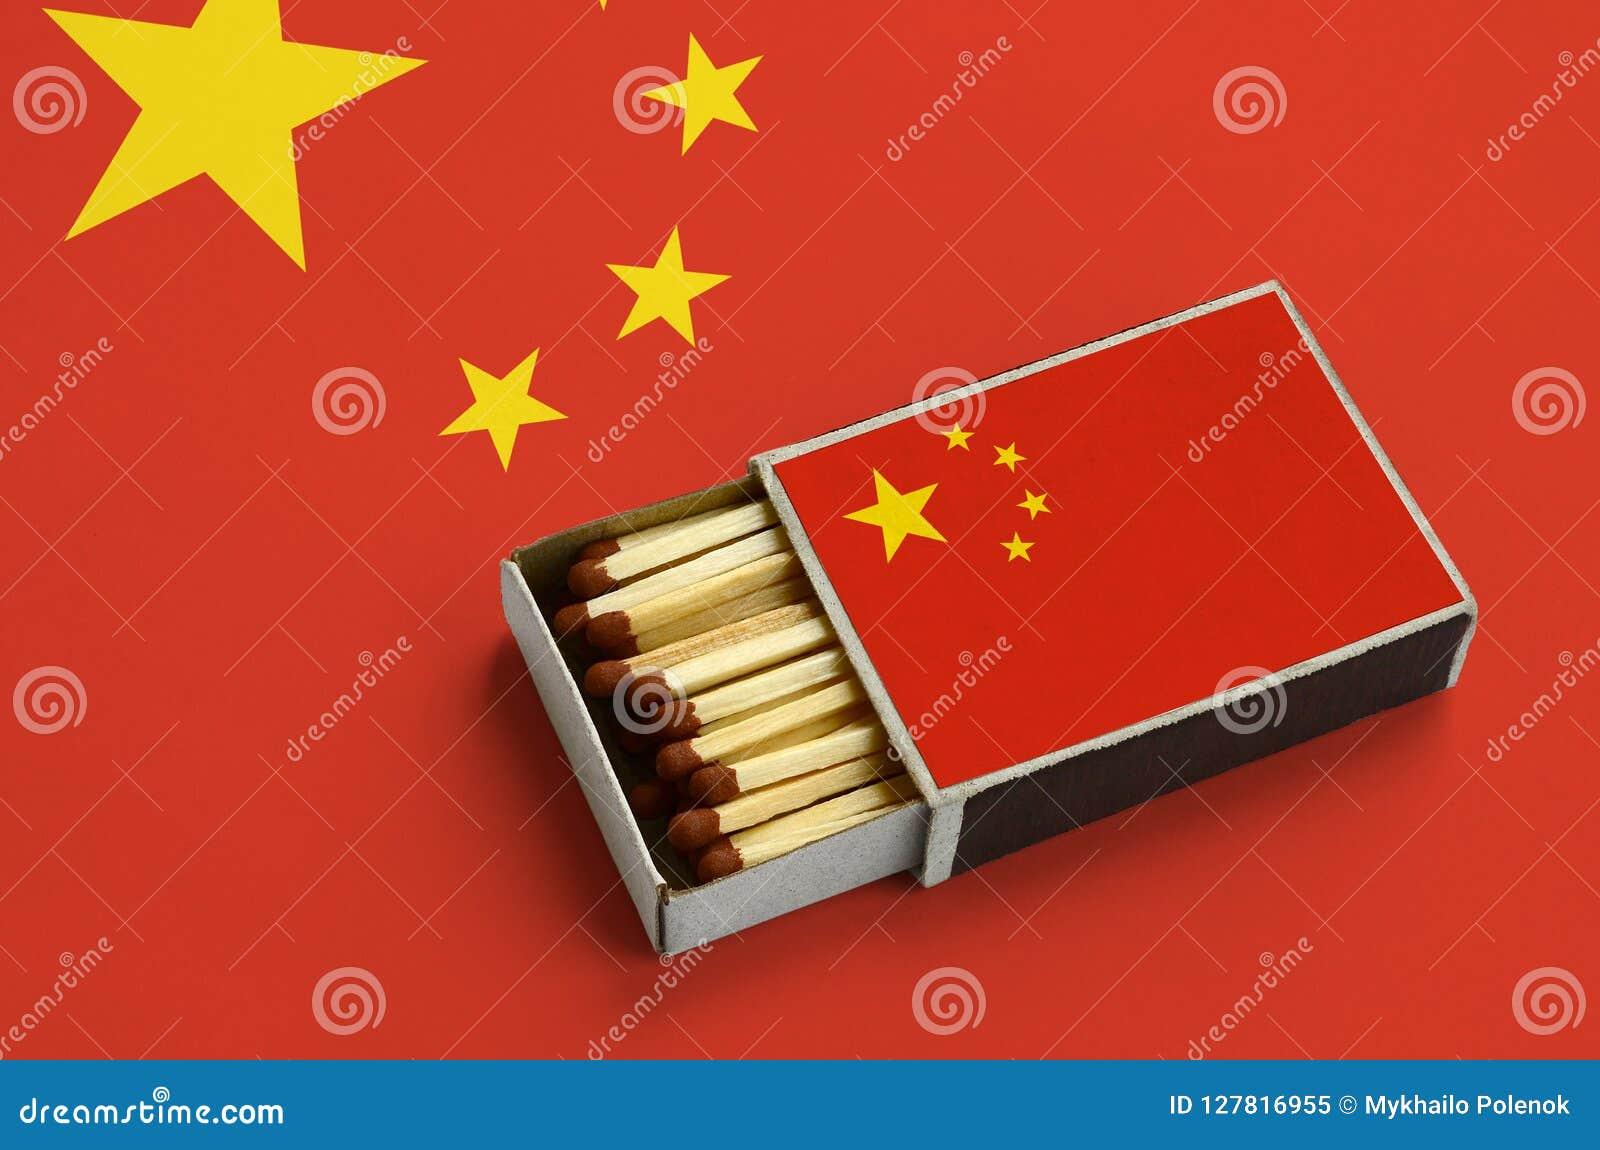 Le drapeau de la Chine est montré dans une boîte d allumettes ouverte, qui est remplie de matchs et se trouve sur un grand drapea